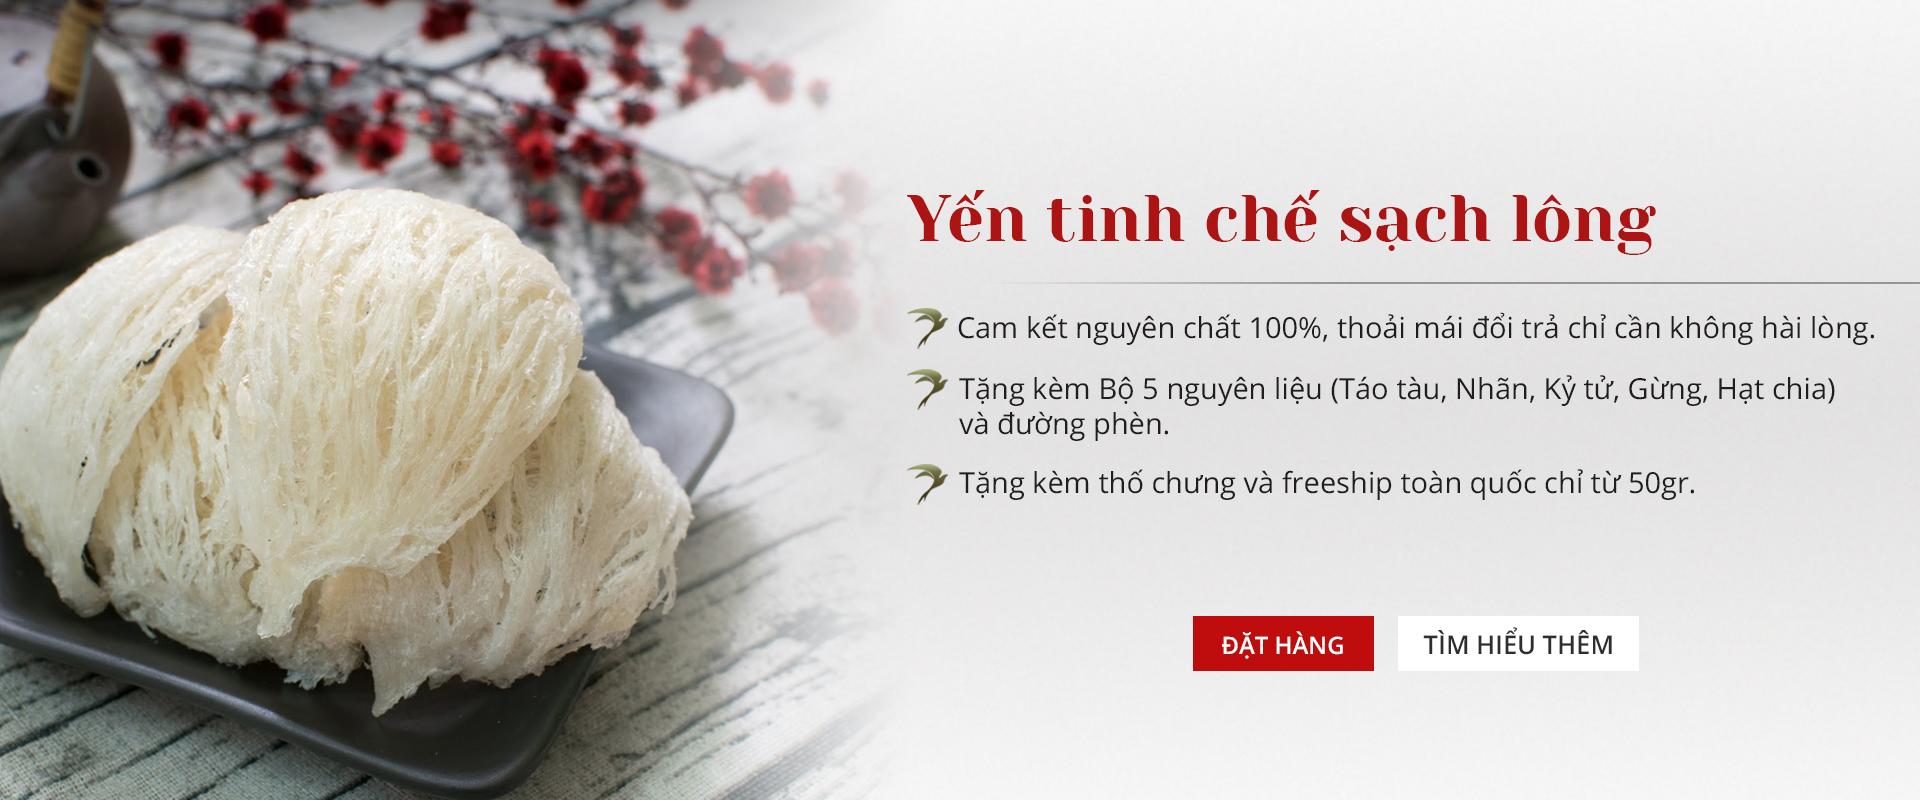 https://www.yensaonunest.com/cua-hang/?dong_san_pham=yen-sach-long